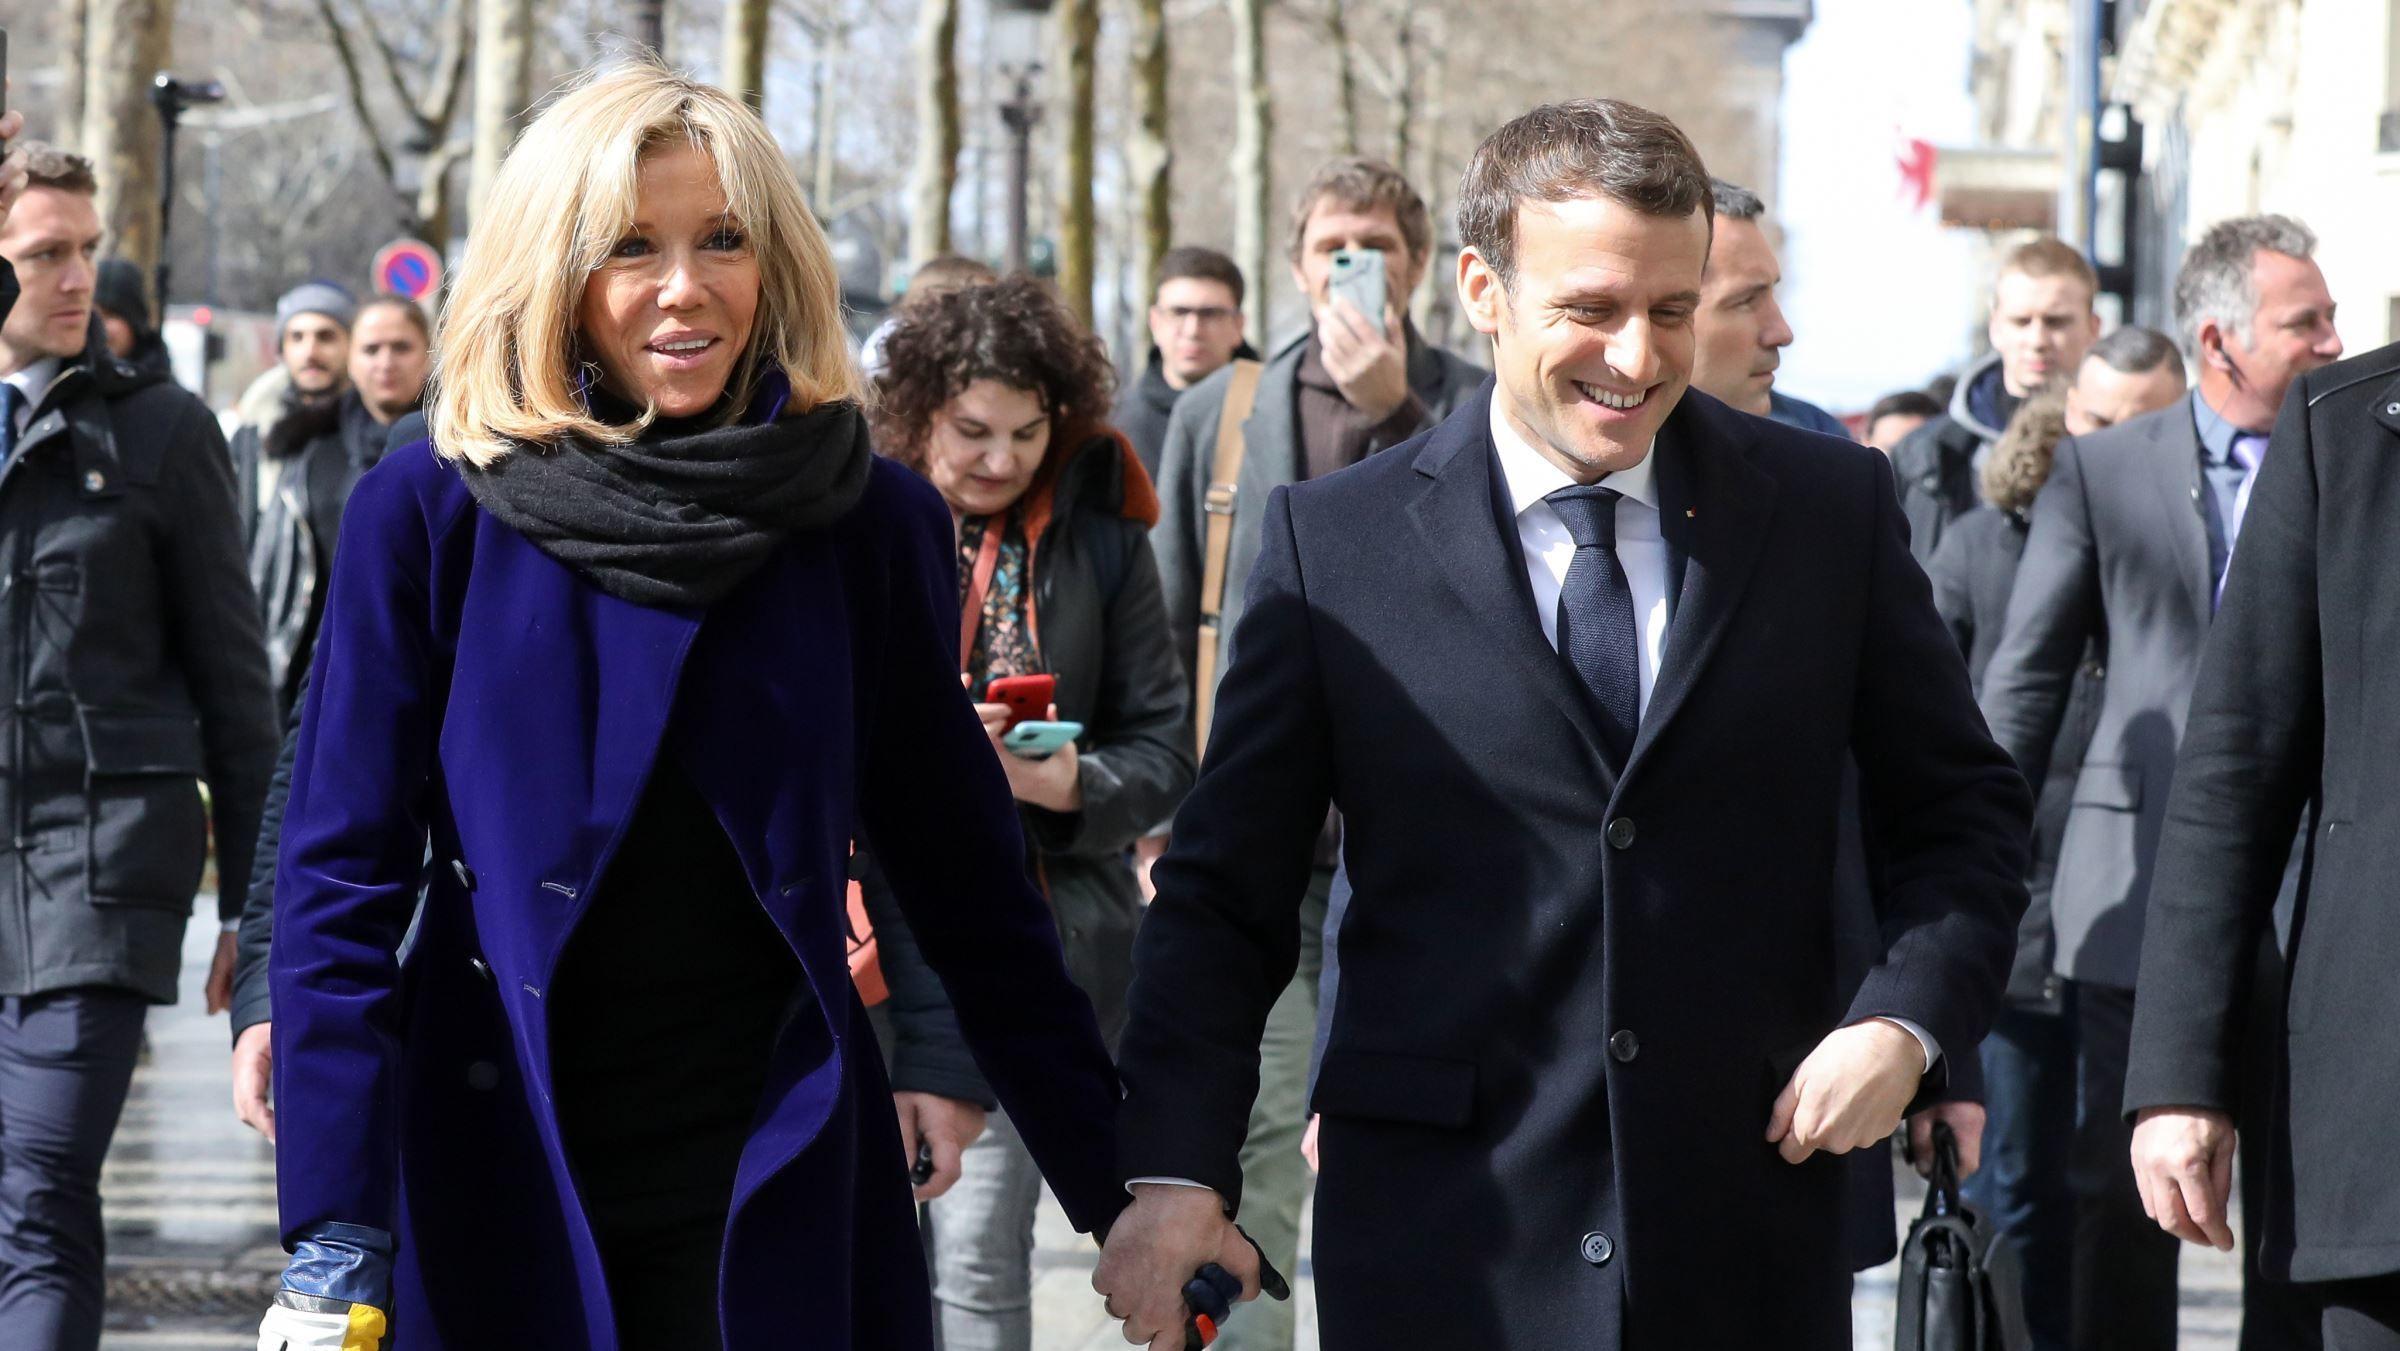 Emmanuel Macron taquin cette petite pique qu'il envoie à